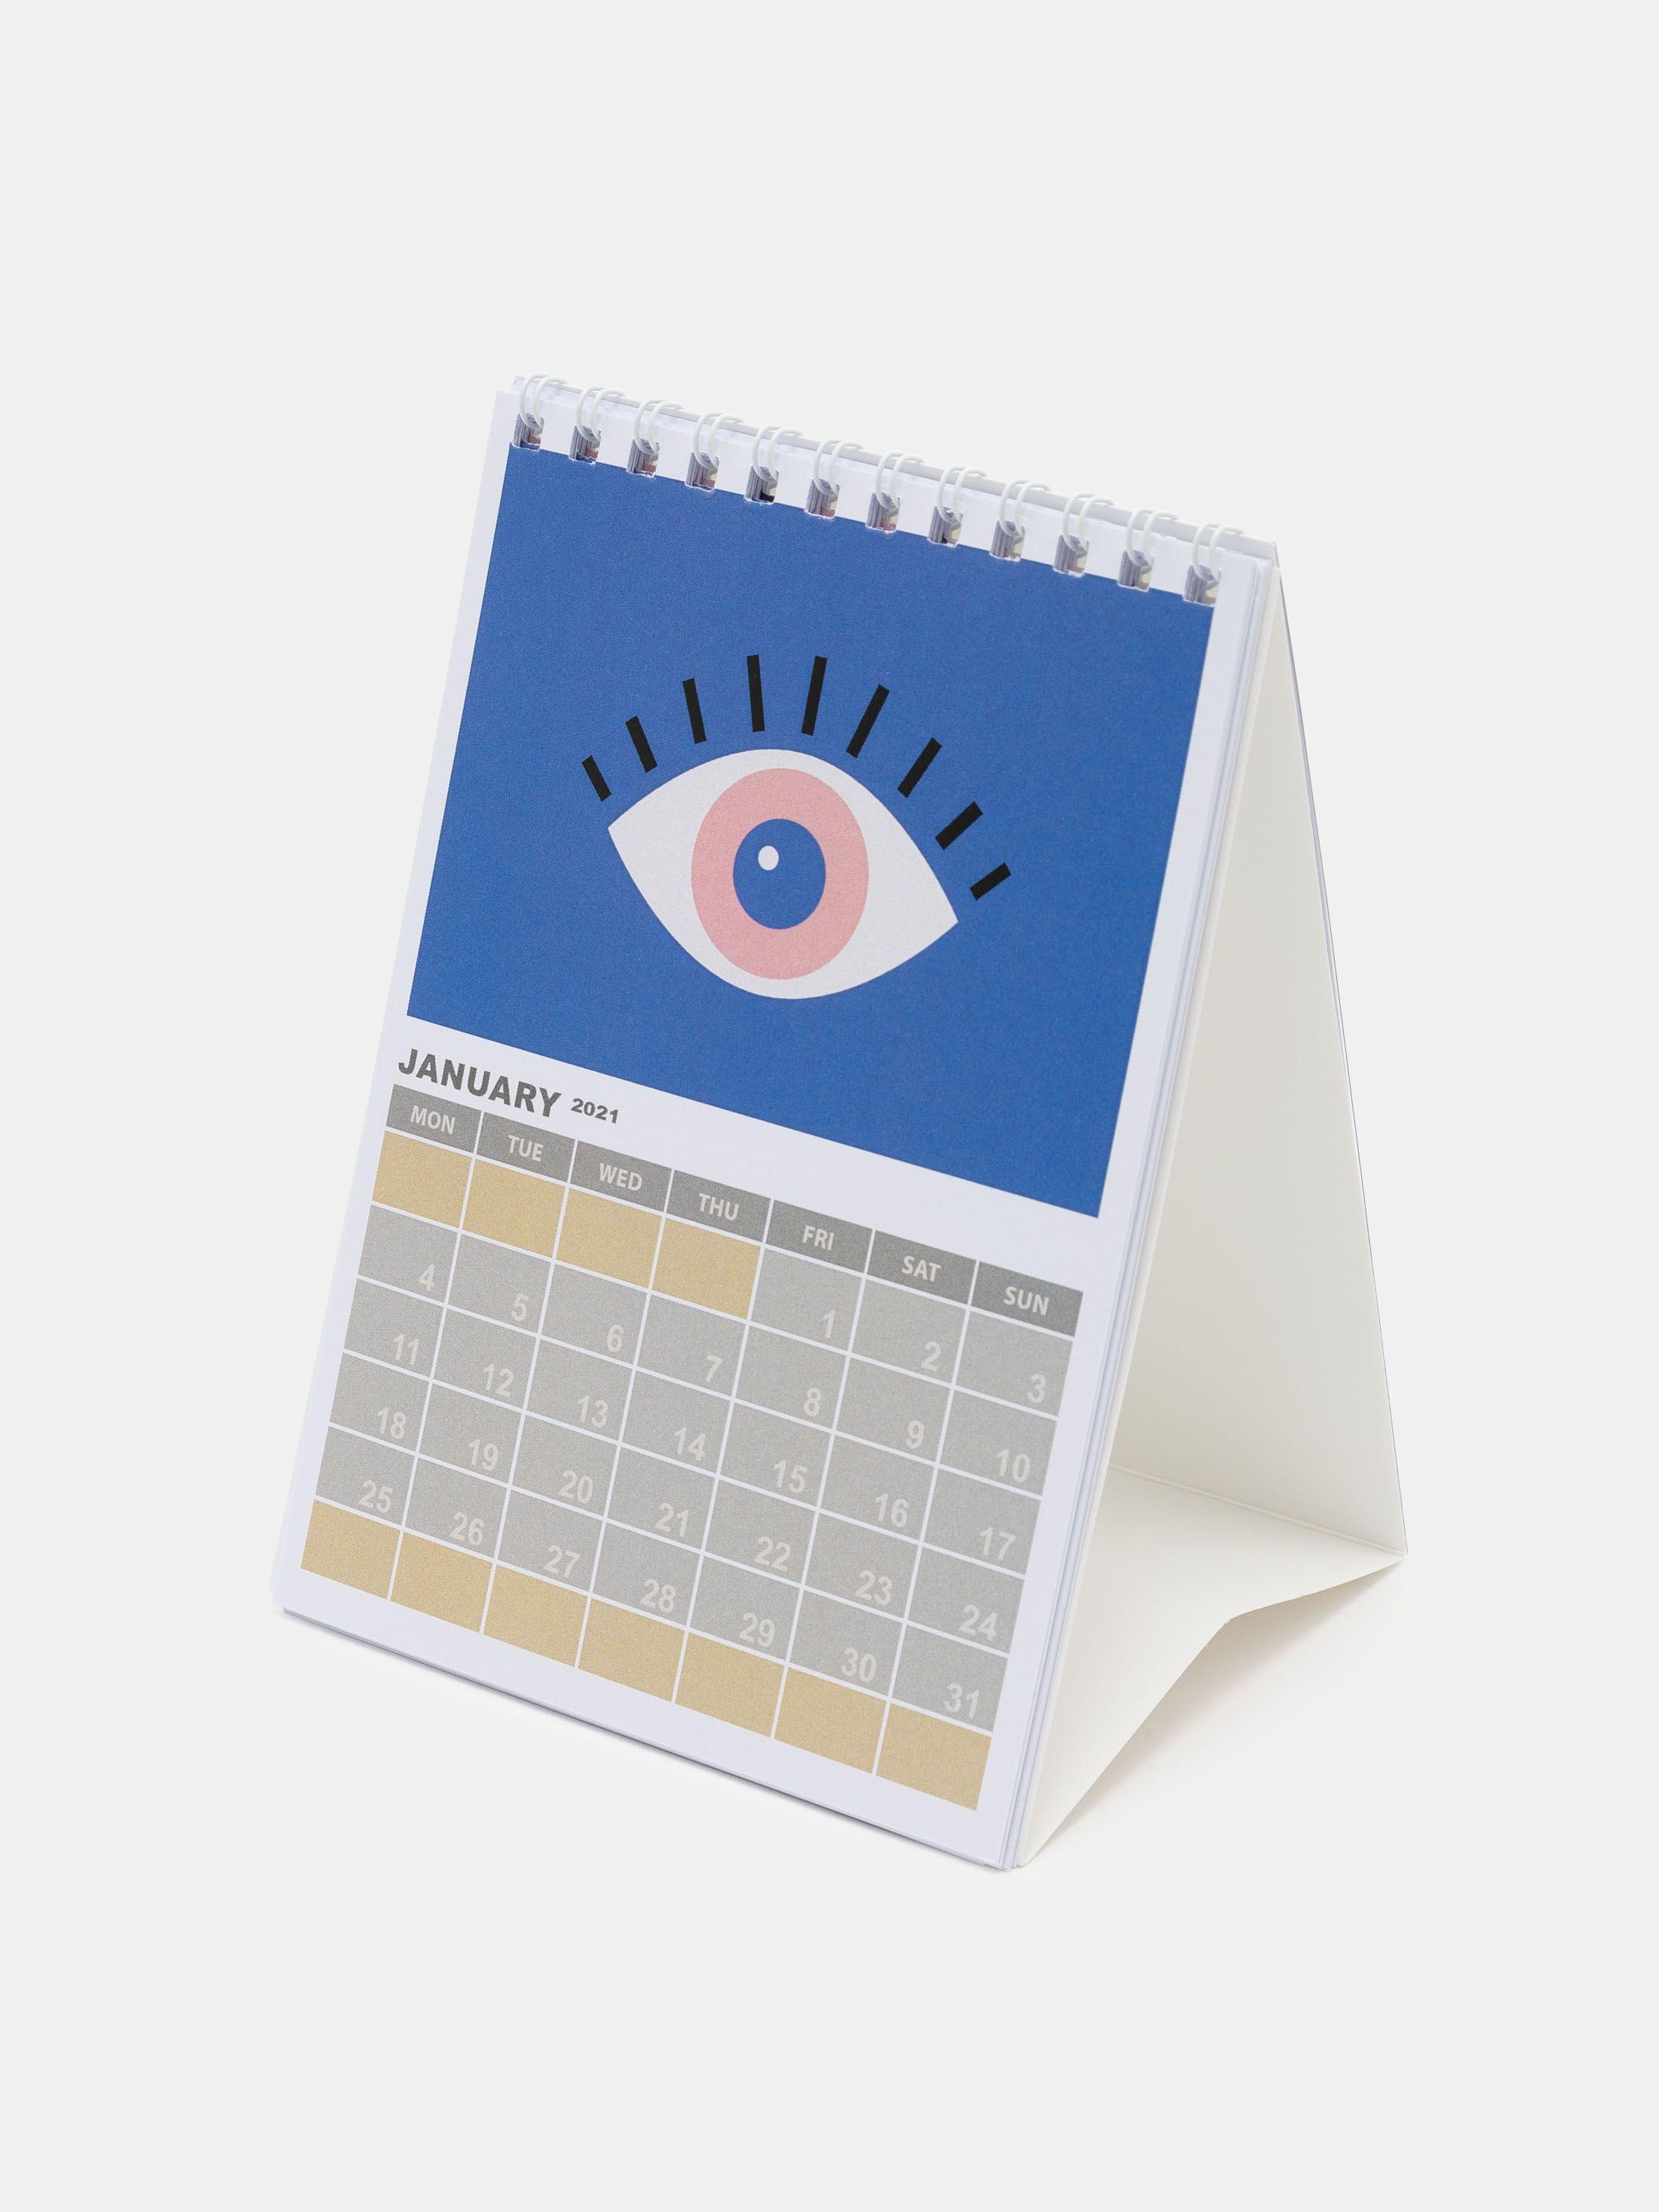 卓上カレンダー デザイン 印刷